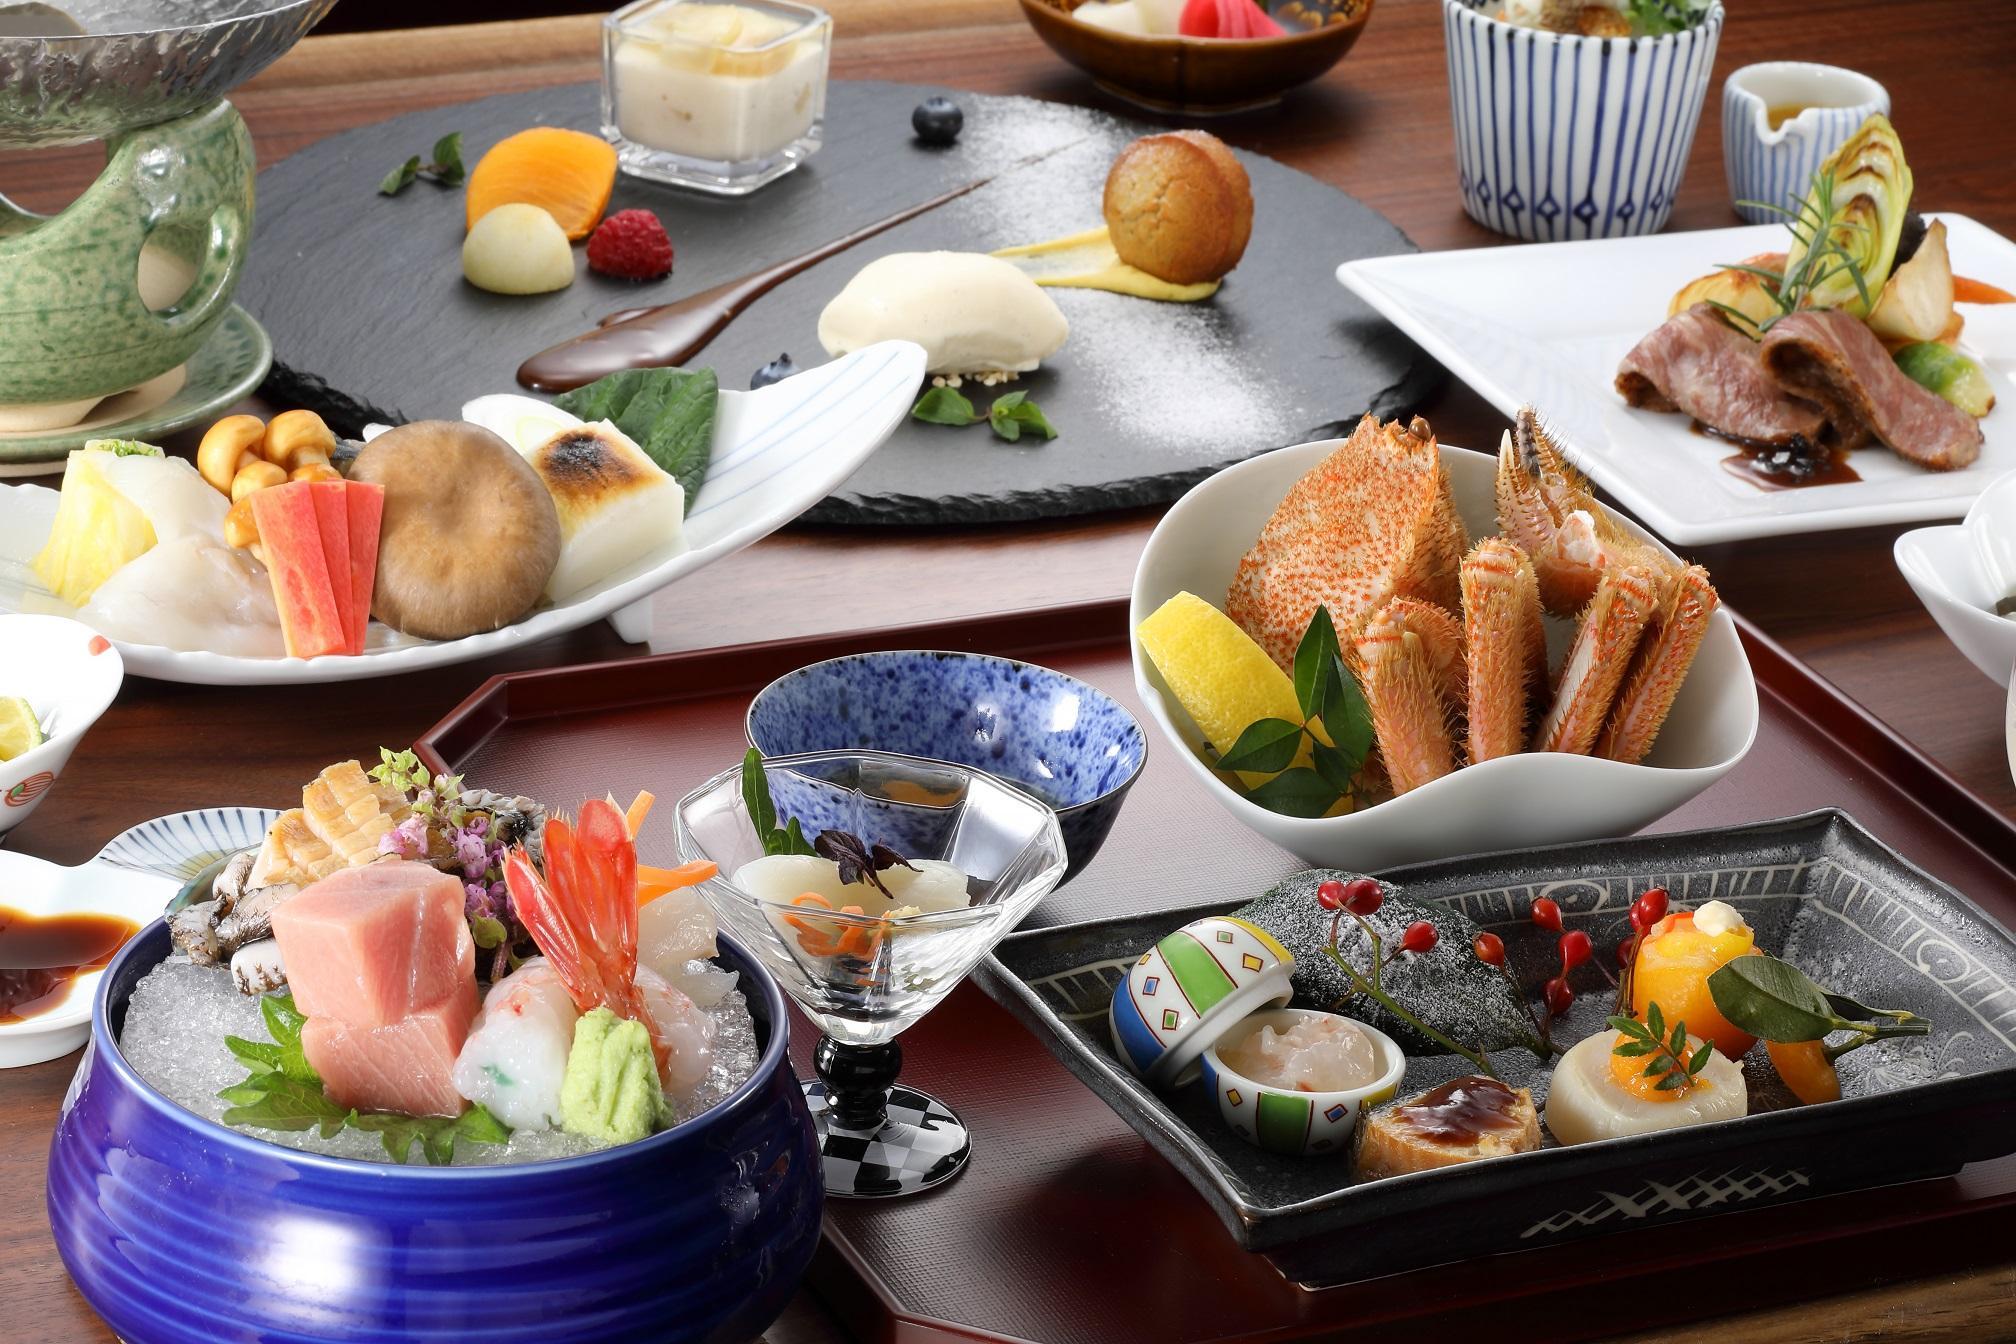 【早期予約30日前】30日前のご予約で函館旅をお得に満喫♪1泊2食♪個室食事処で季節会席を愉しむ